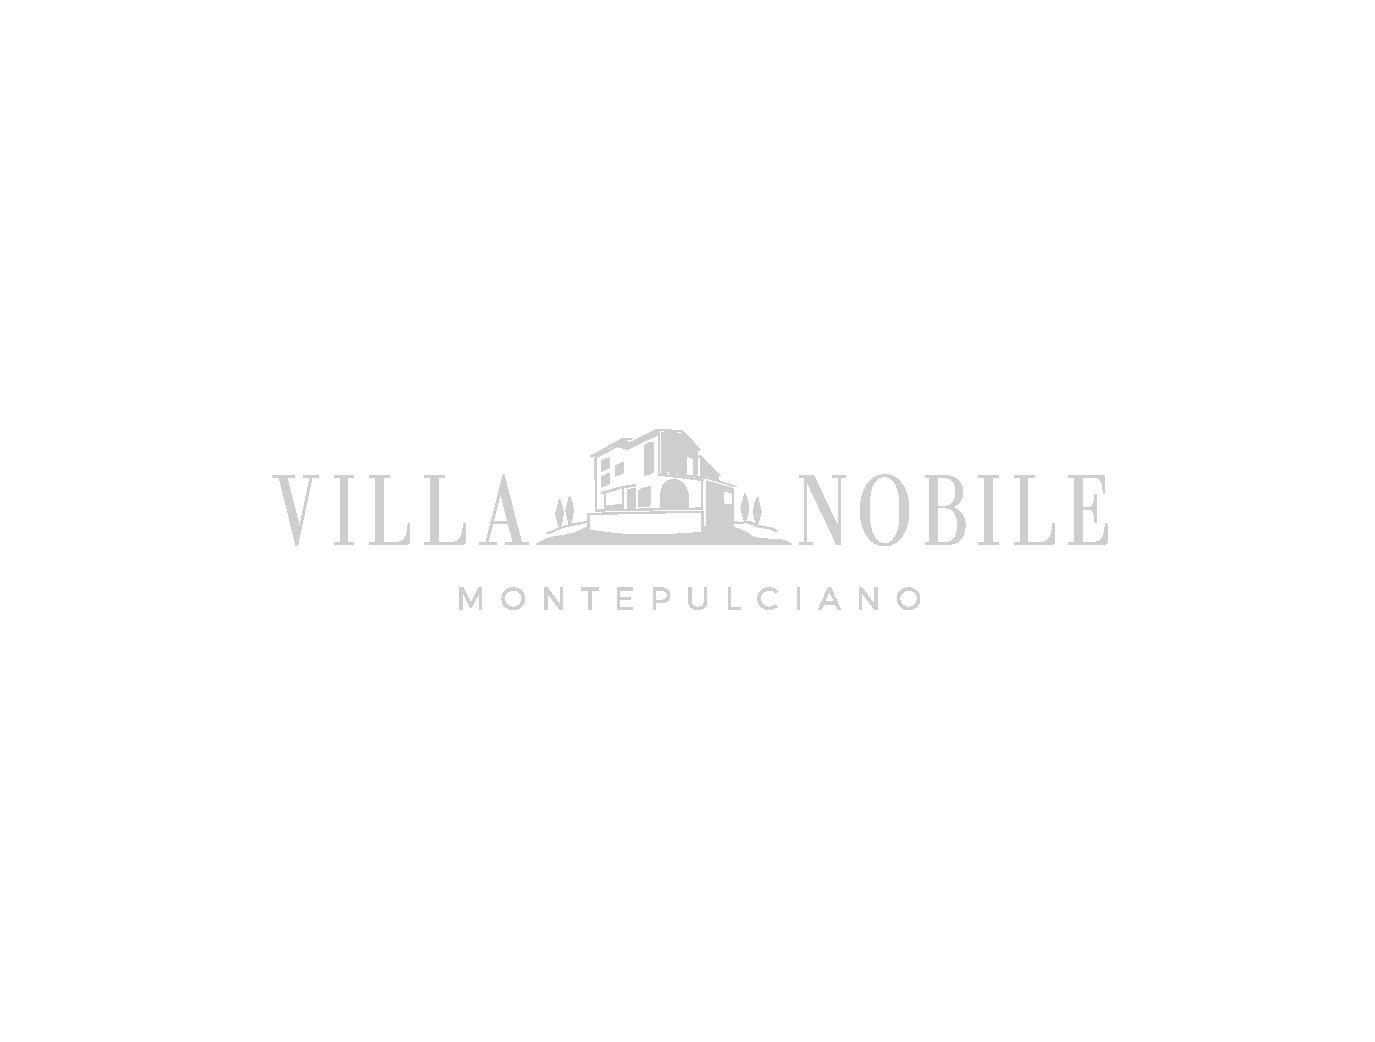 Villa Nobile Montepulciano Italy